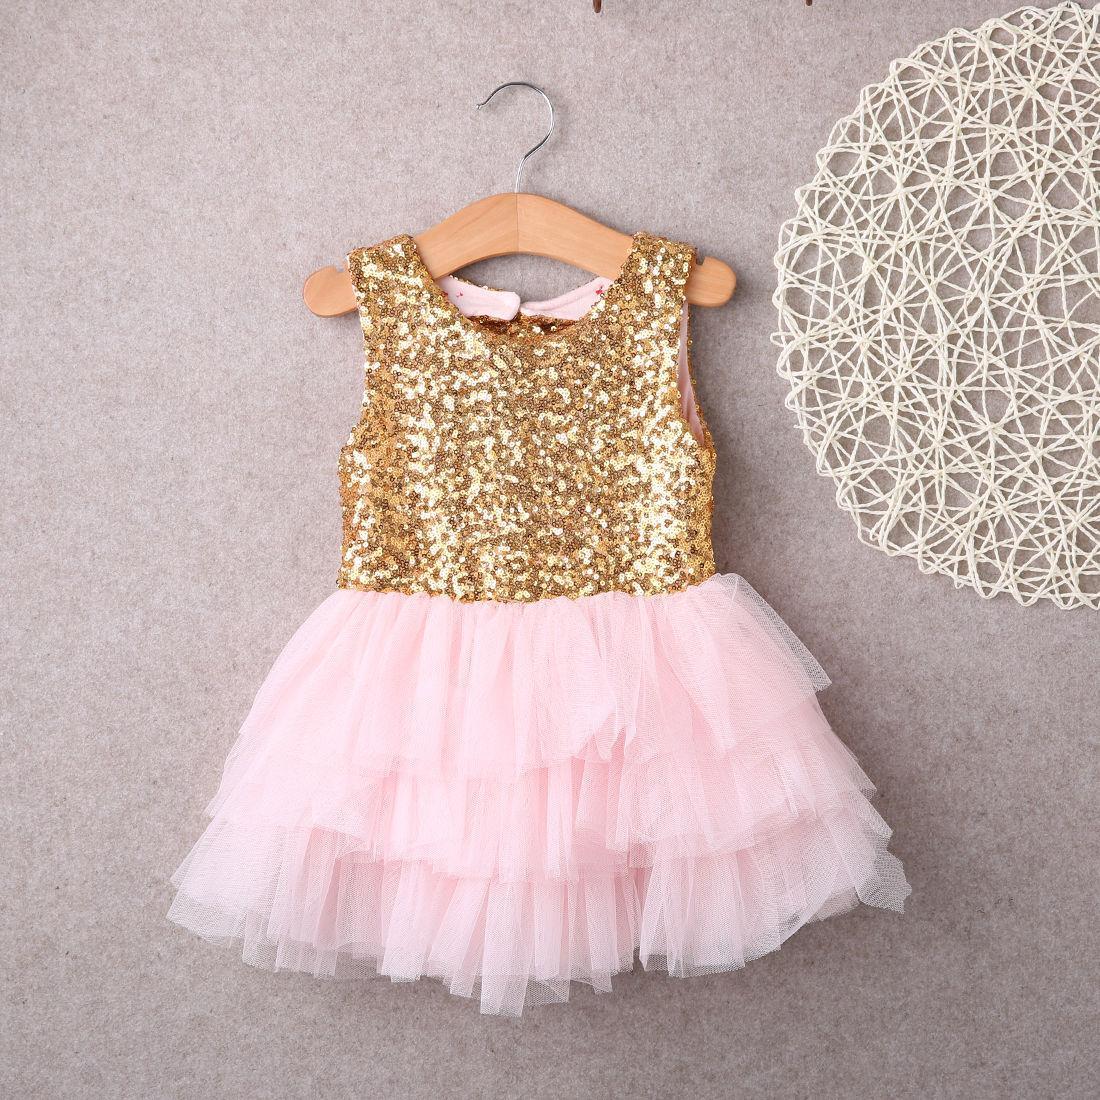 Bowknot Kuchen Kleid Party Mini Ballkleid Kleid Mode Baby Kinder Mädchen Kleider Kleidung Pailletten Backless Bow Gold Spitzenkleid